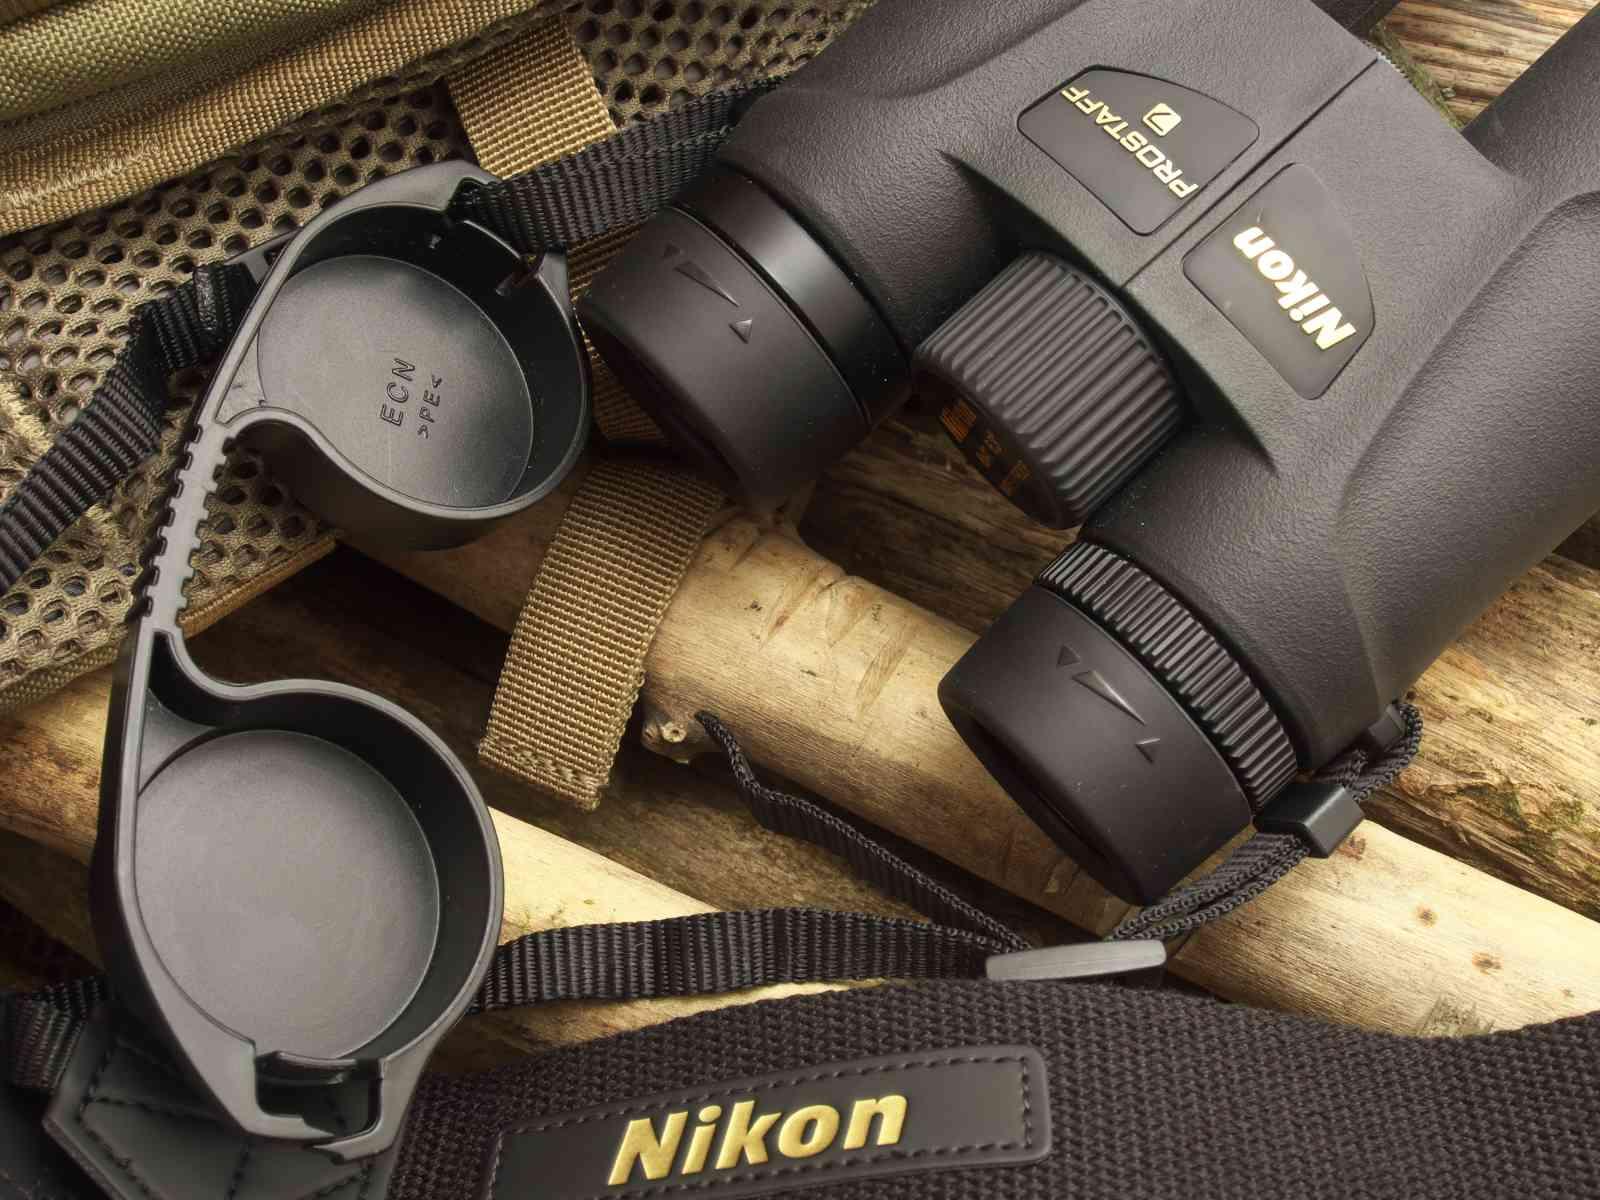 Nikon Prostaff 7 8x42